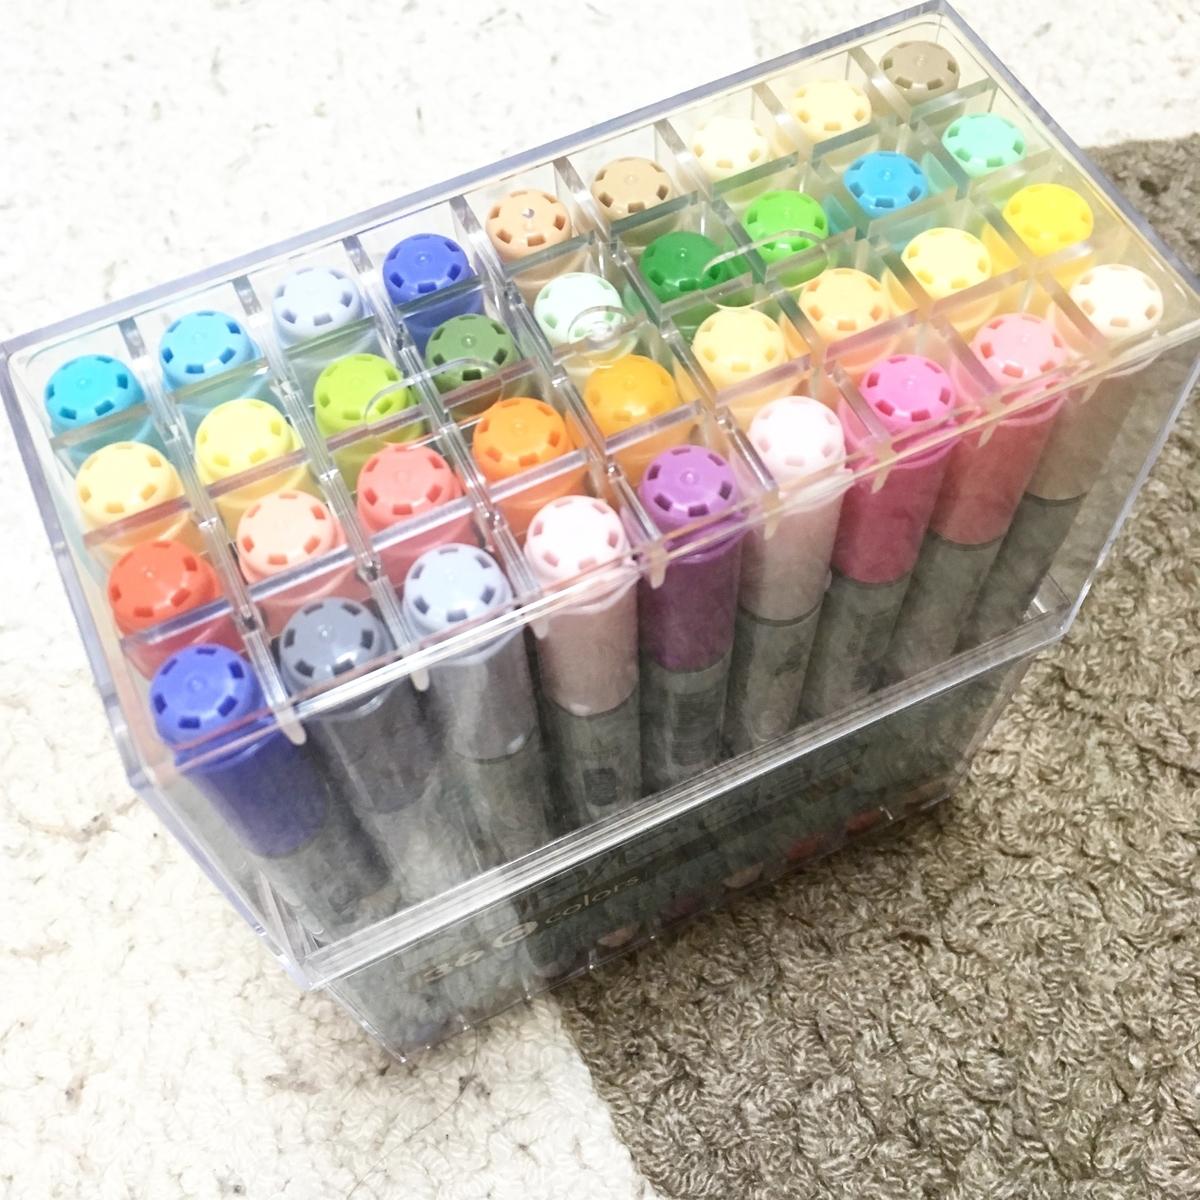 コピックチャオ 36色Aセット 実物 商品写真